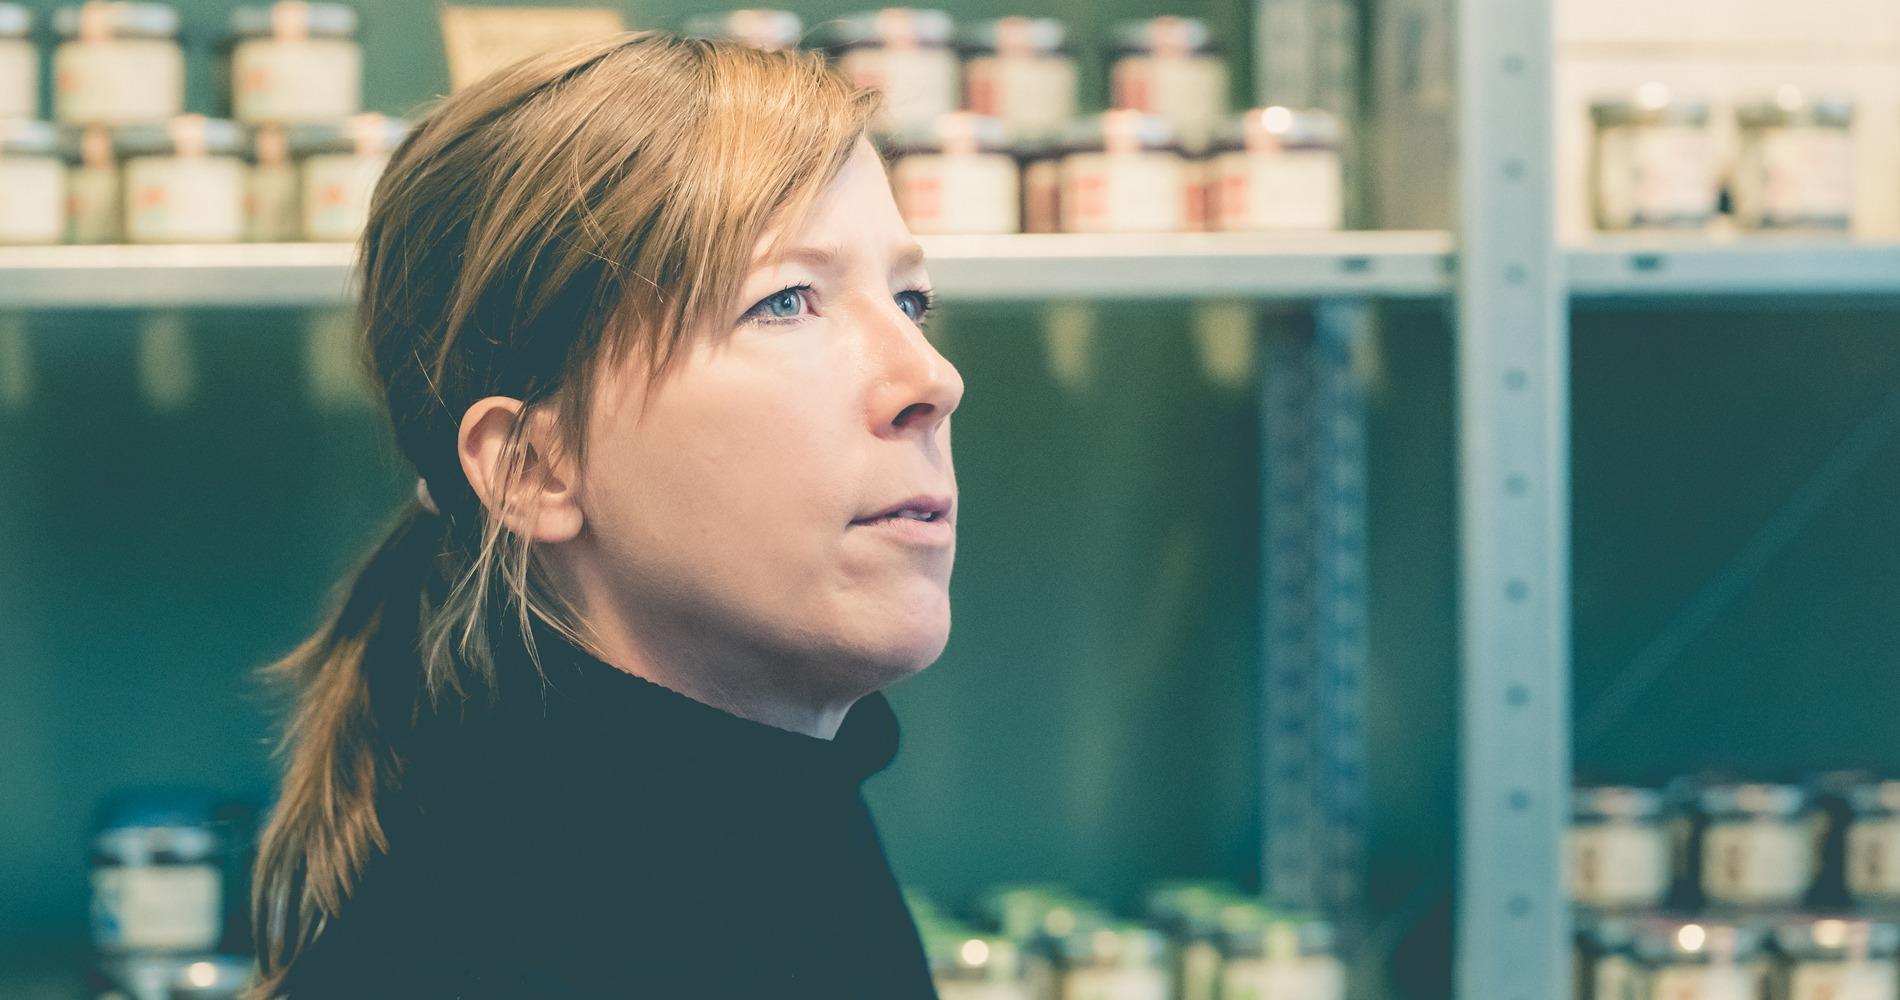 Eva Osterholz, 1975  in Oldenburg, Niedersachsen geboren, hat seitdem im In- und Ausland gelebt, seit 20 Jahren in Hamburg und ist verheiratet mit dem Pfeffrigen Peter.